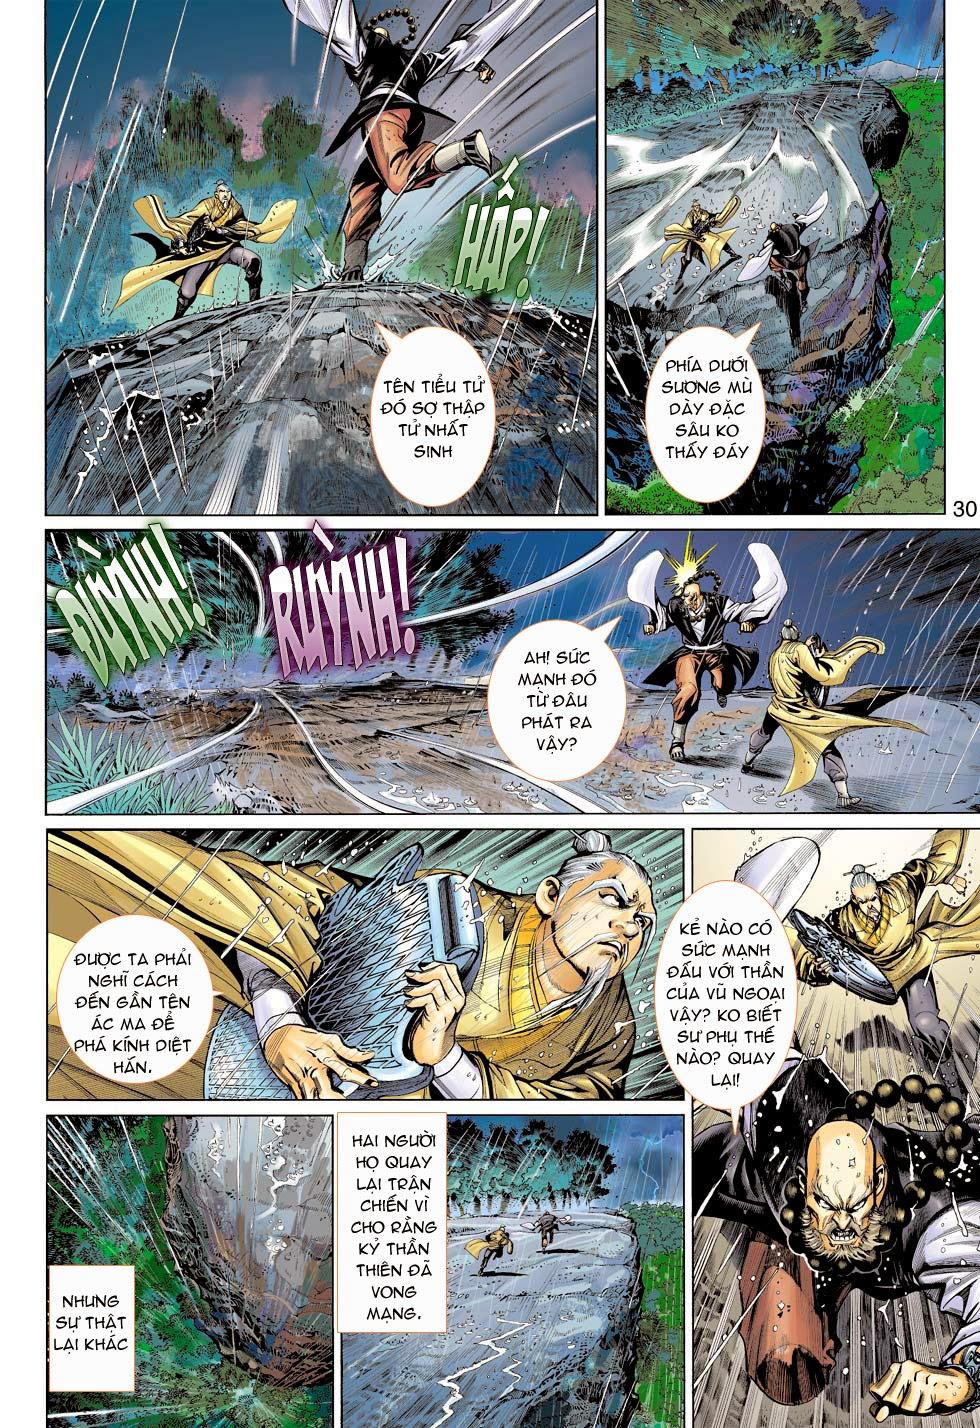 Thần Binh 4 chap 26 - Trang 31